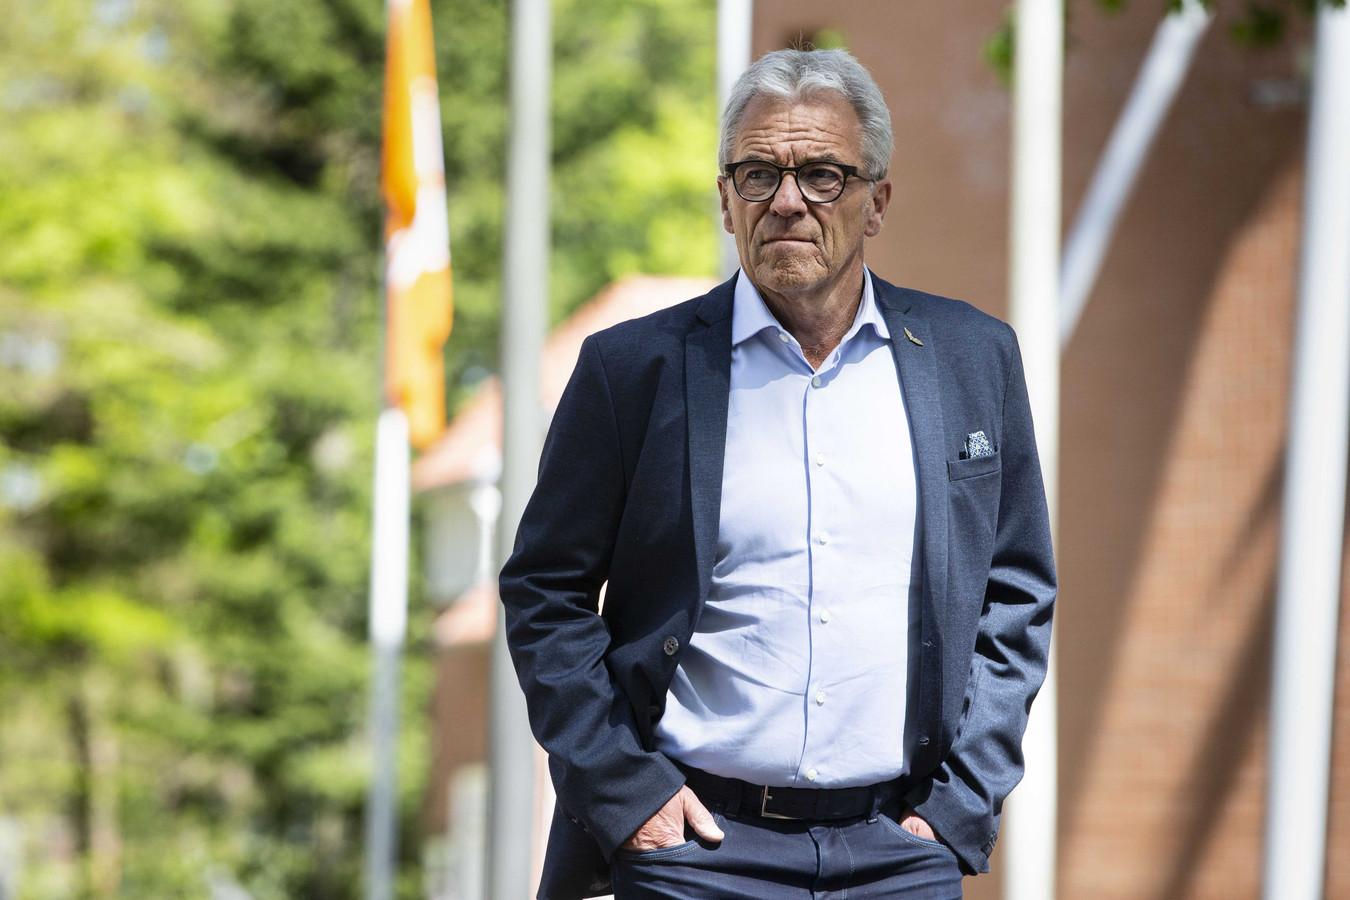 Algemeen directeur Eric Gudde van de KNVB bij aankomst in Zeist.